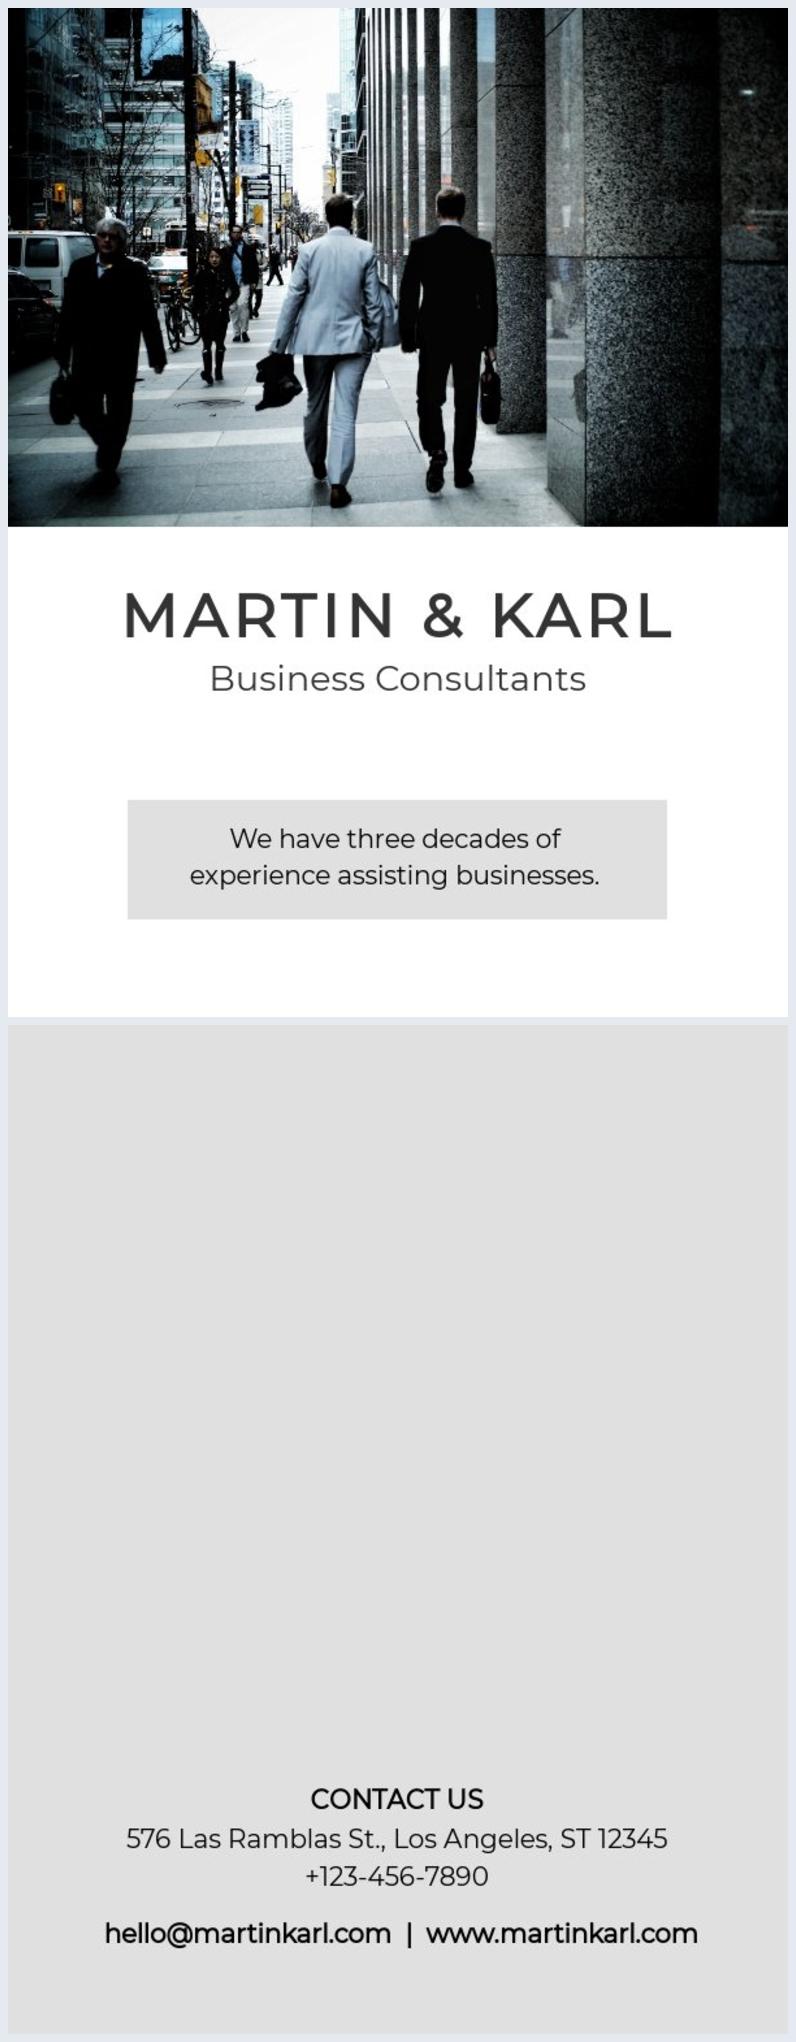 Exemple de design de couverture de brochure d'entreprise